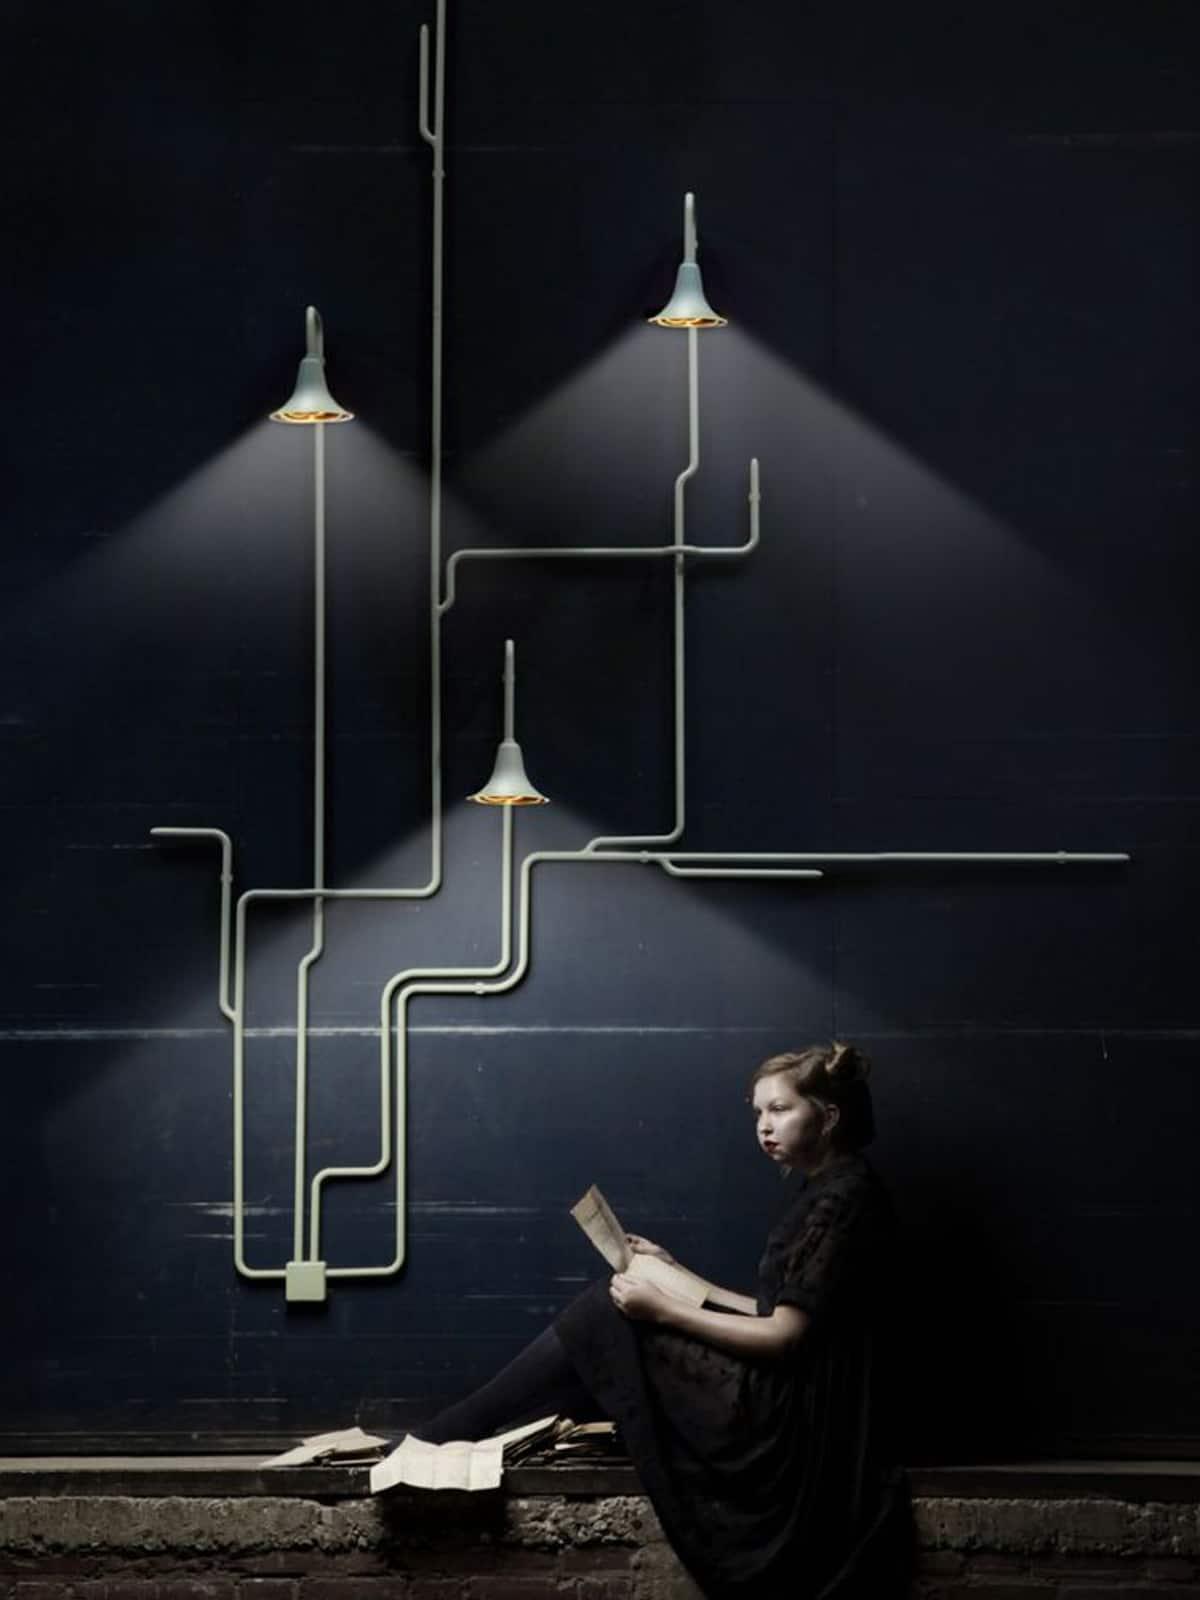 Dreiflammige Designerleuchten online kaufen DesignOrt Onlineshop Berlin OD1